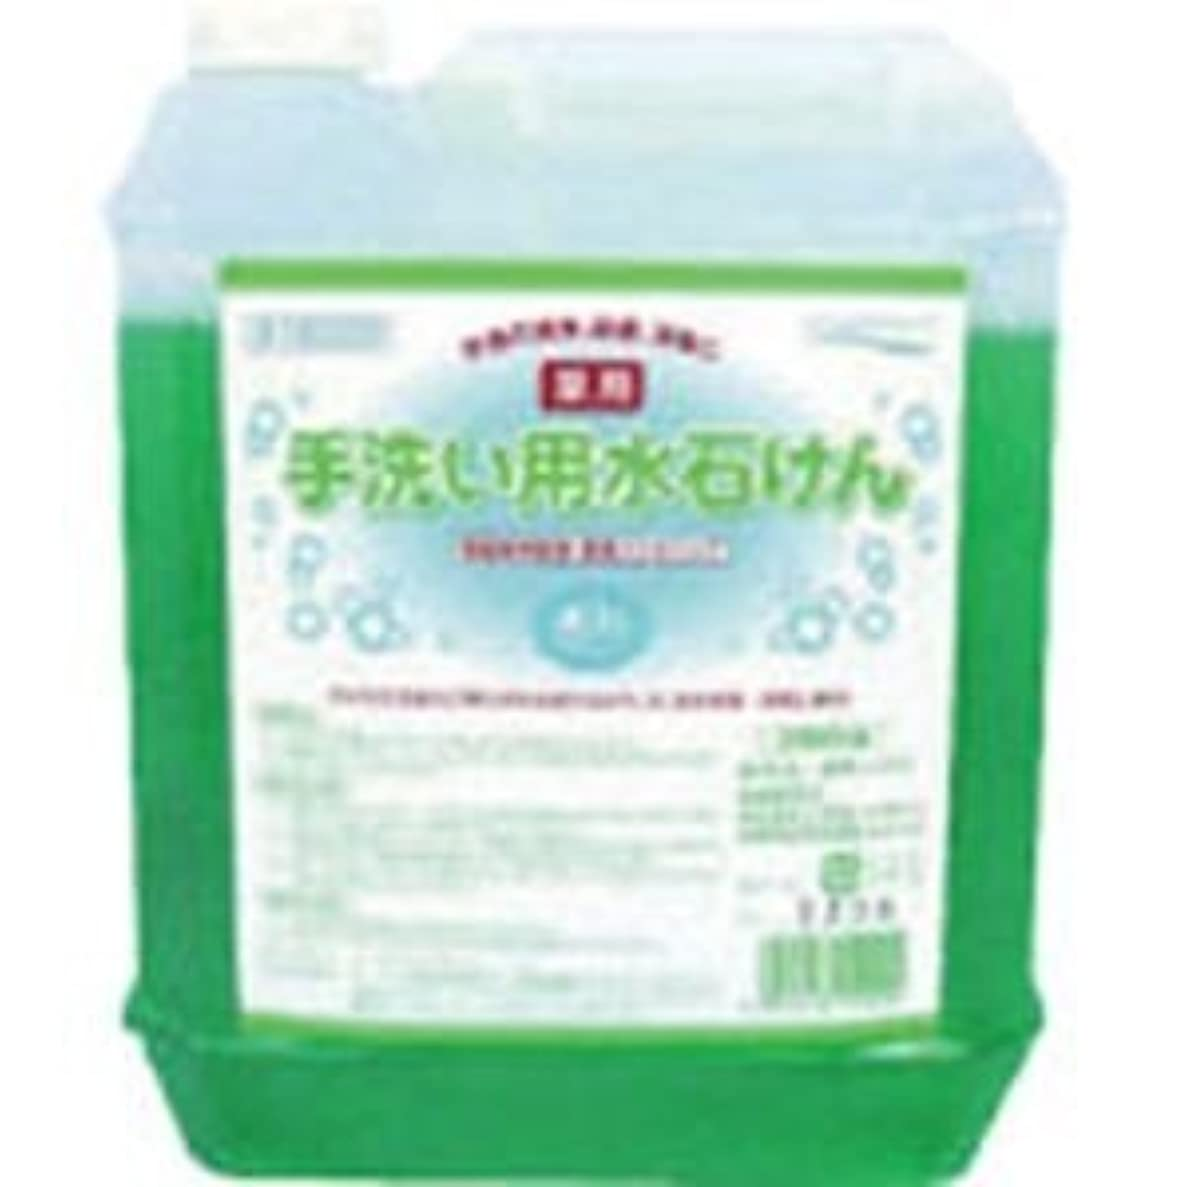 春パドルアウター医薬部外品 泡タイプの薬用ハンドソープ 手洗い用水石けん5L×4個セット 15029-4